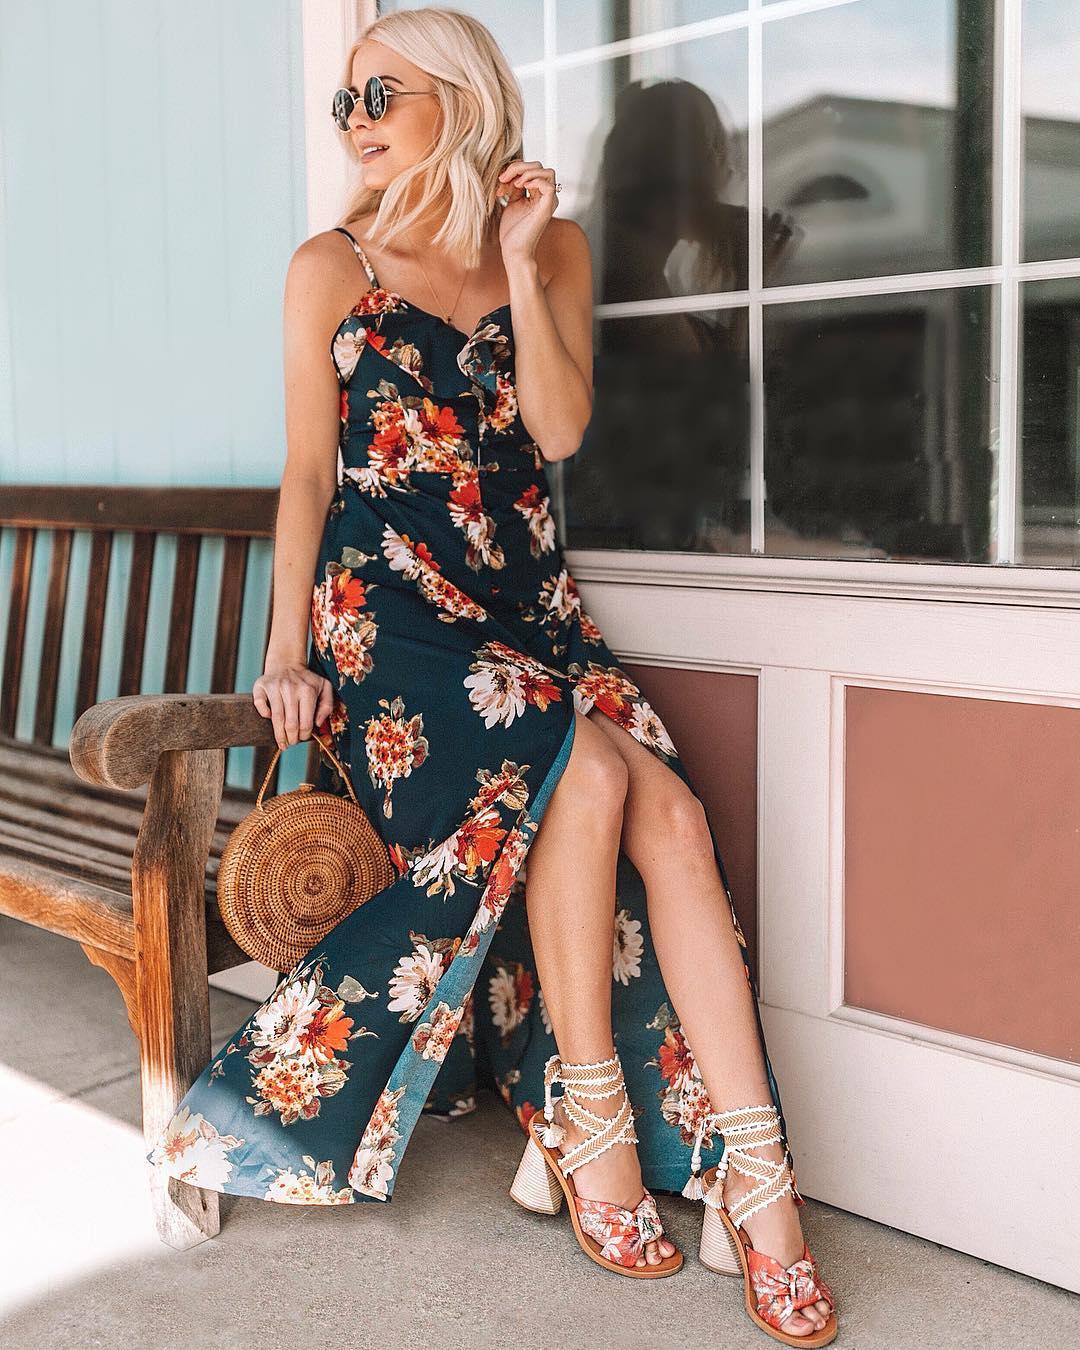 модный летние образы с цветочным принтом фото 9